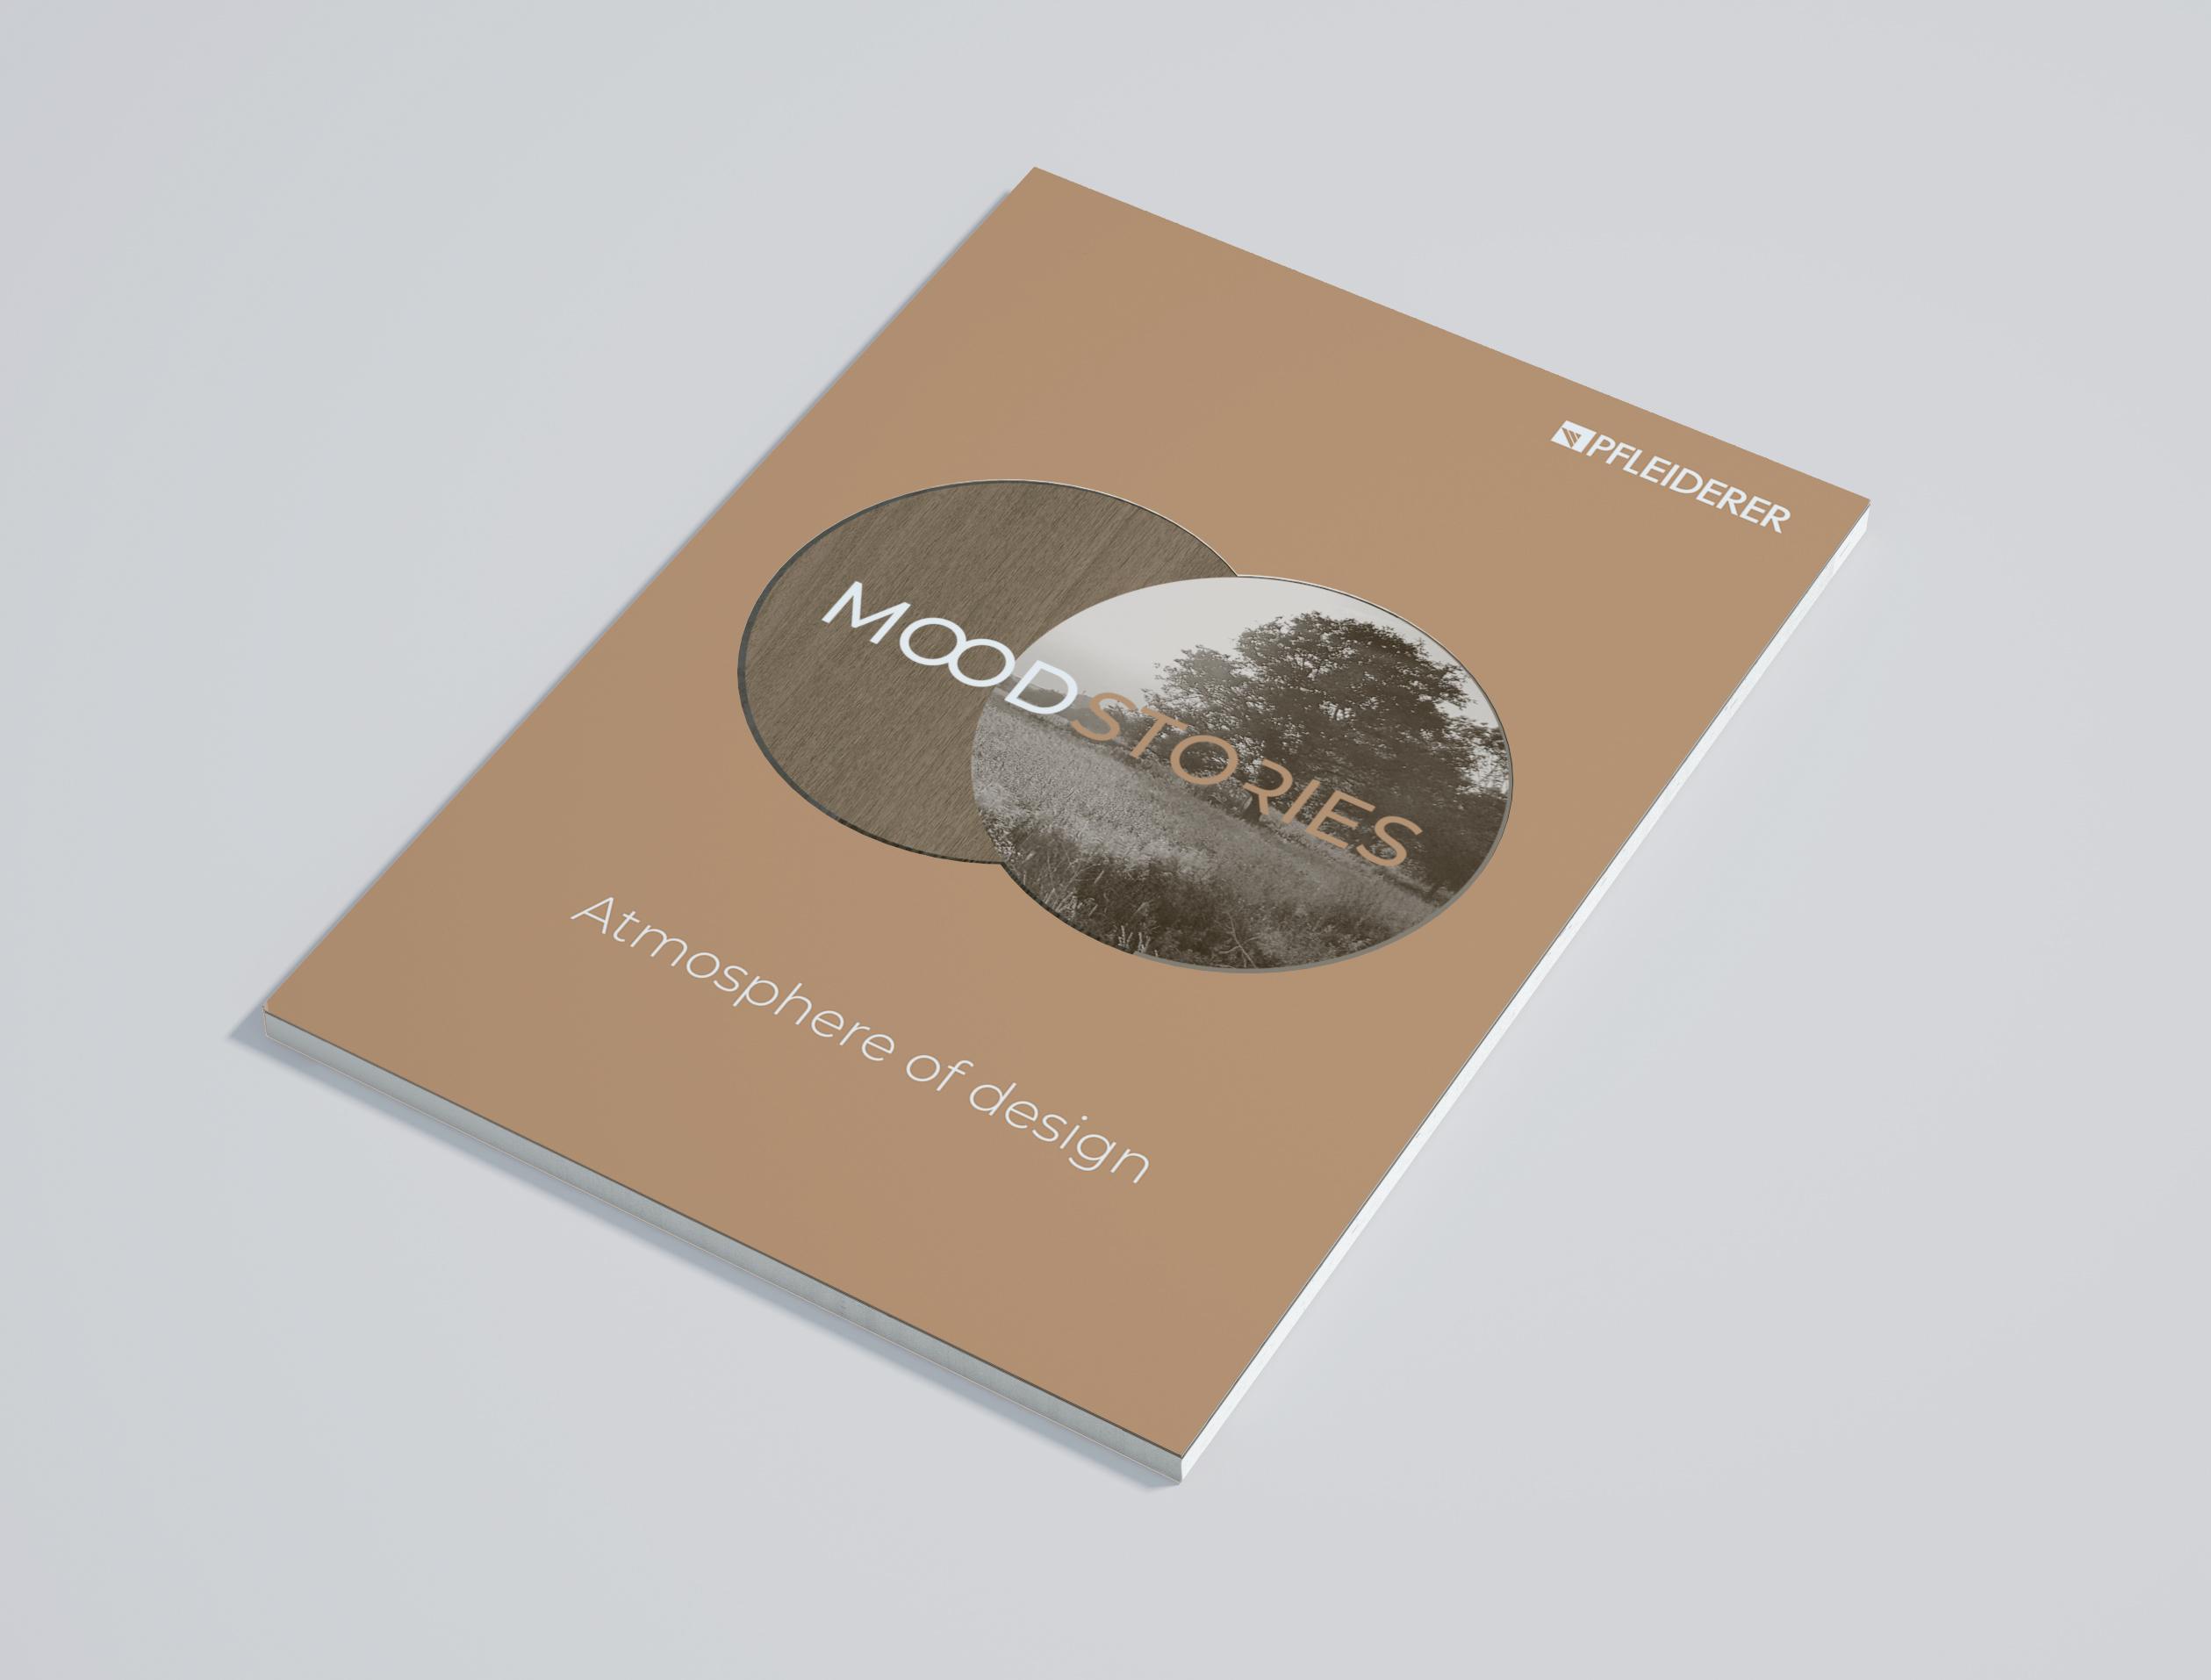 Katalog kolekcji Mood Stories